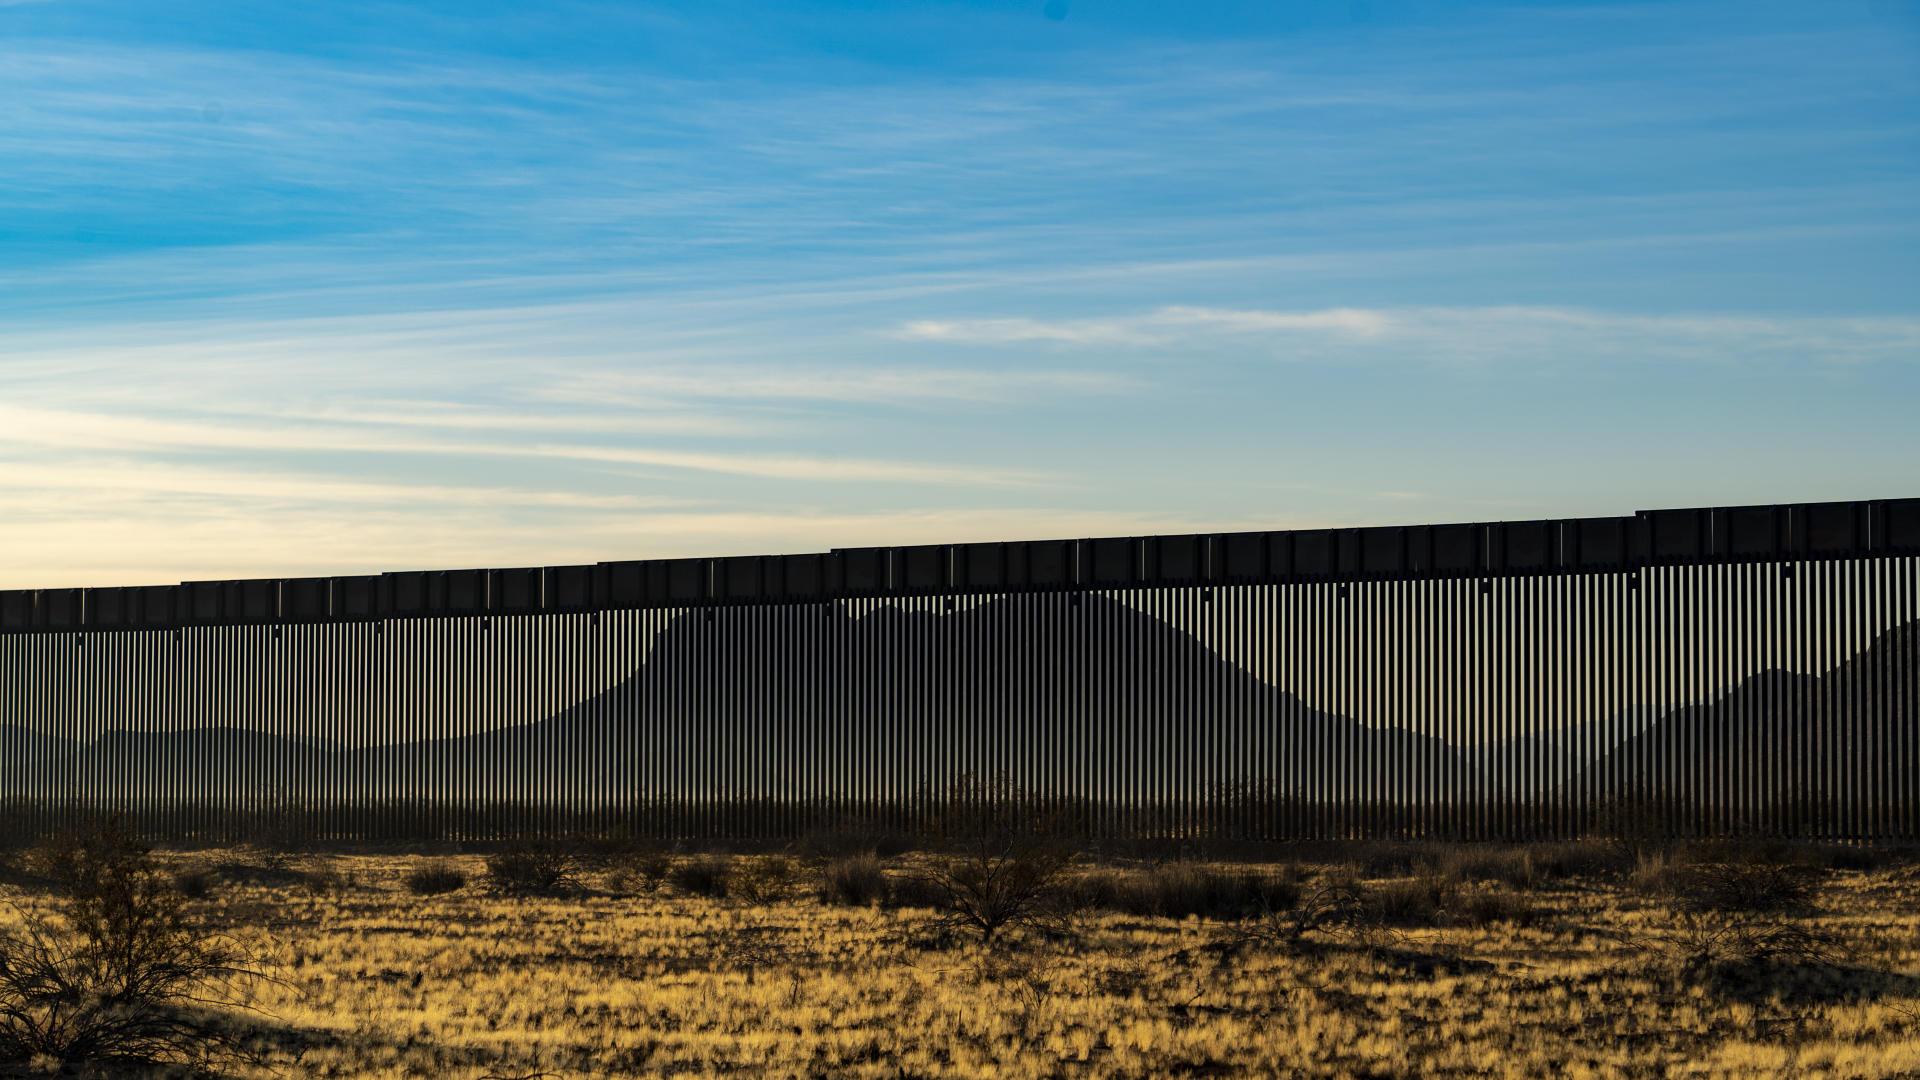 Le mur vu depuis le Cabeza Prieta National Wildlife Refuge – un site de protection de la faune sauvage– , dans le sud-ouest de l'Arizona.